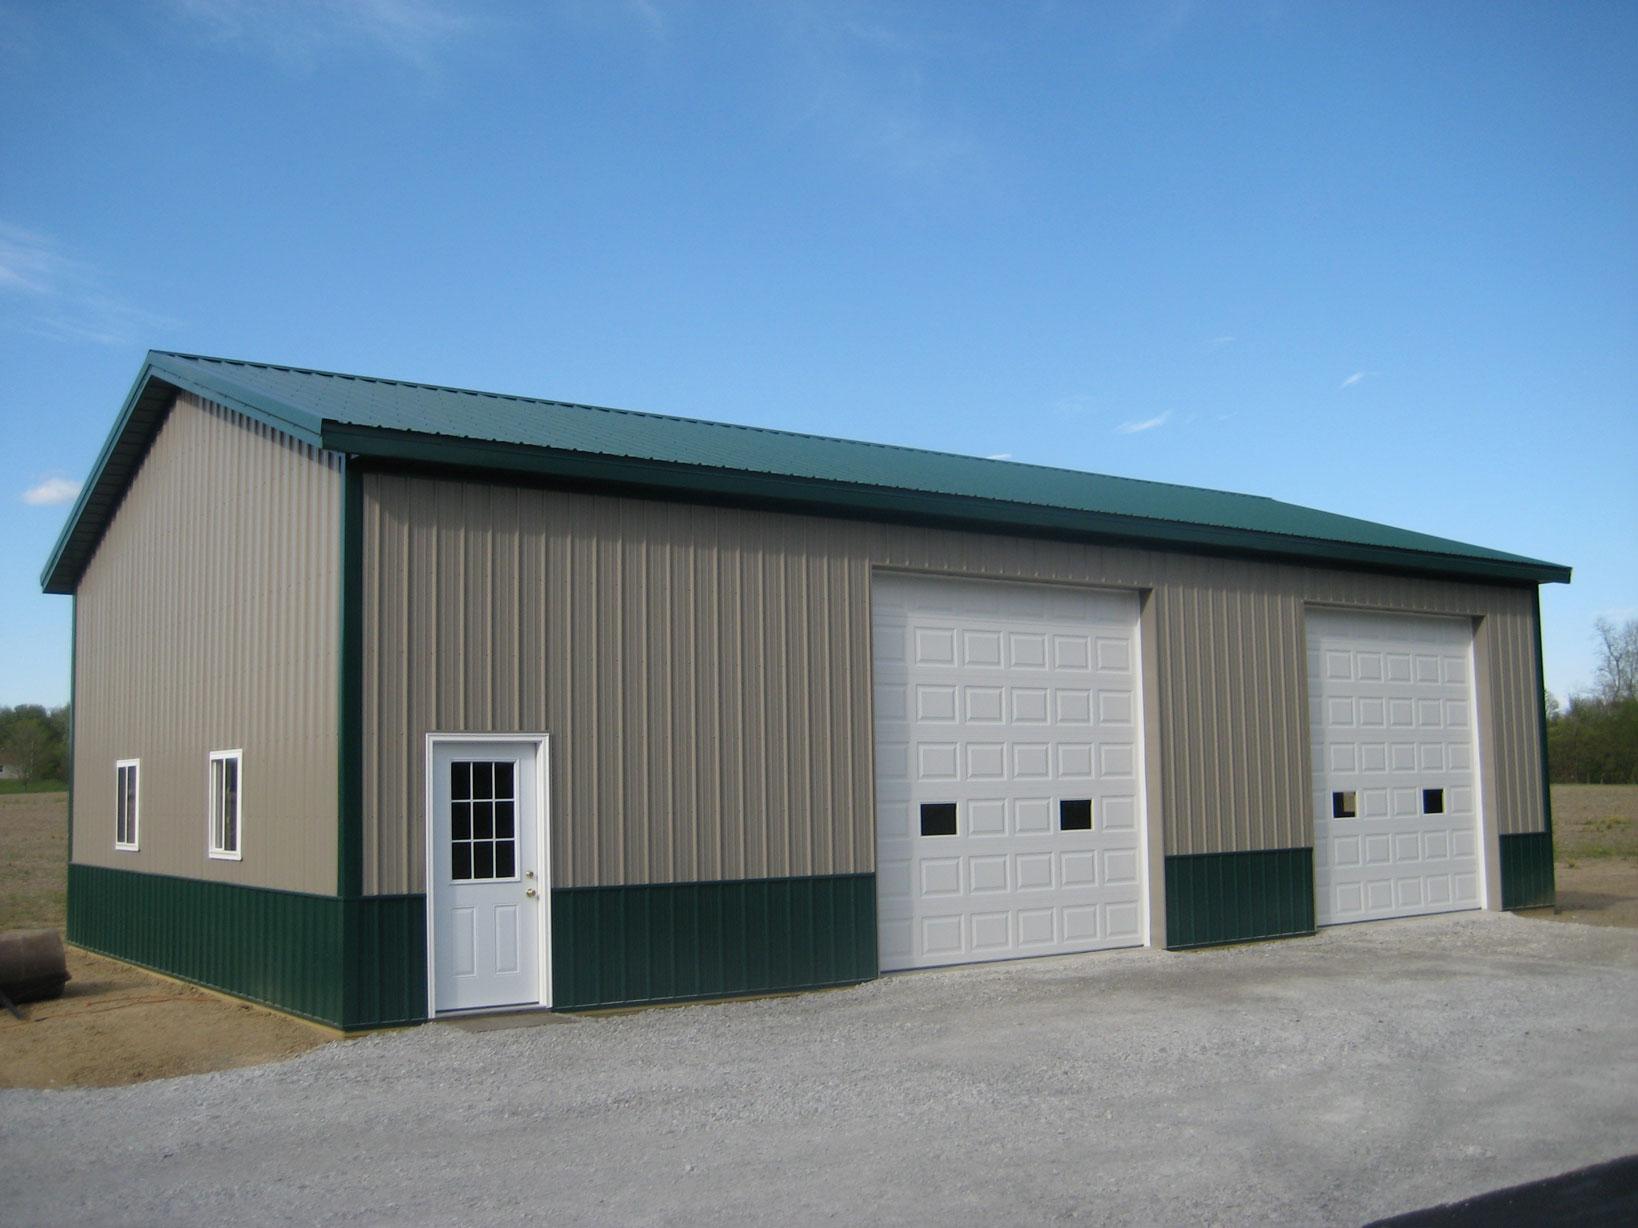 Overhead door okc overhead garage doors okc ppi blog for Overhead garage door okc